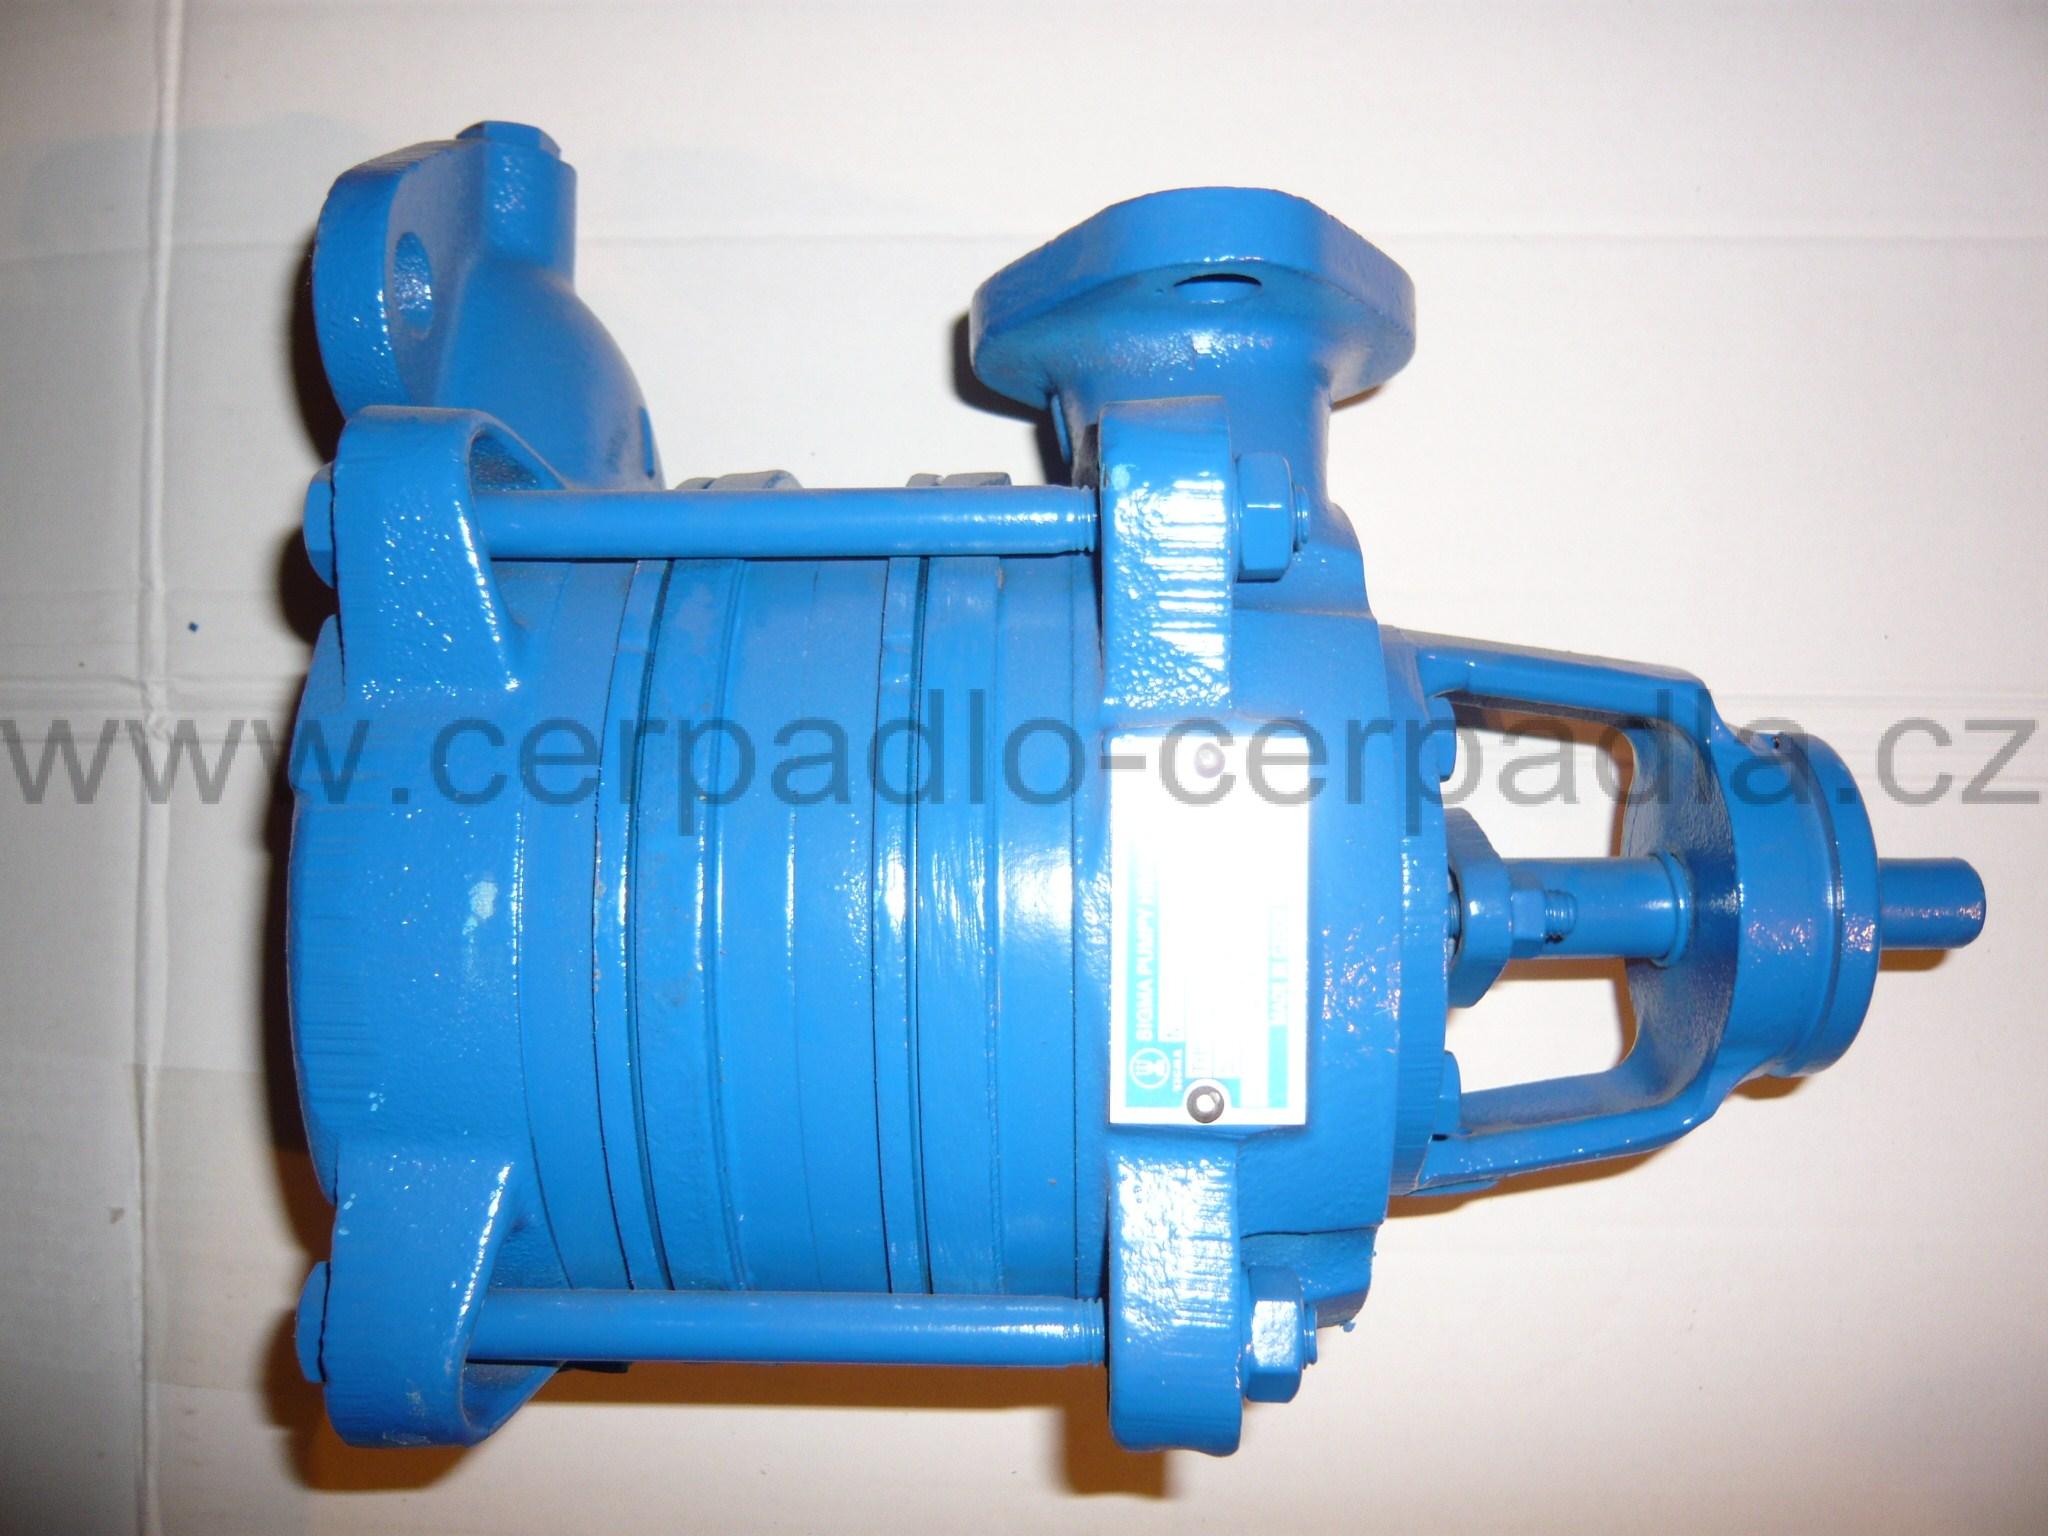 čerpadlo SIGMA 32-SVA-130-10-2-LM-952, přírubové, SVA--00239 (32-SVA-2-LM-952, bez patek)